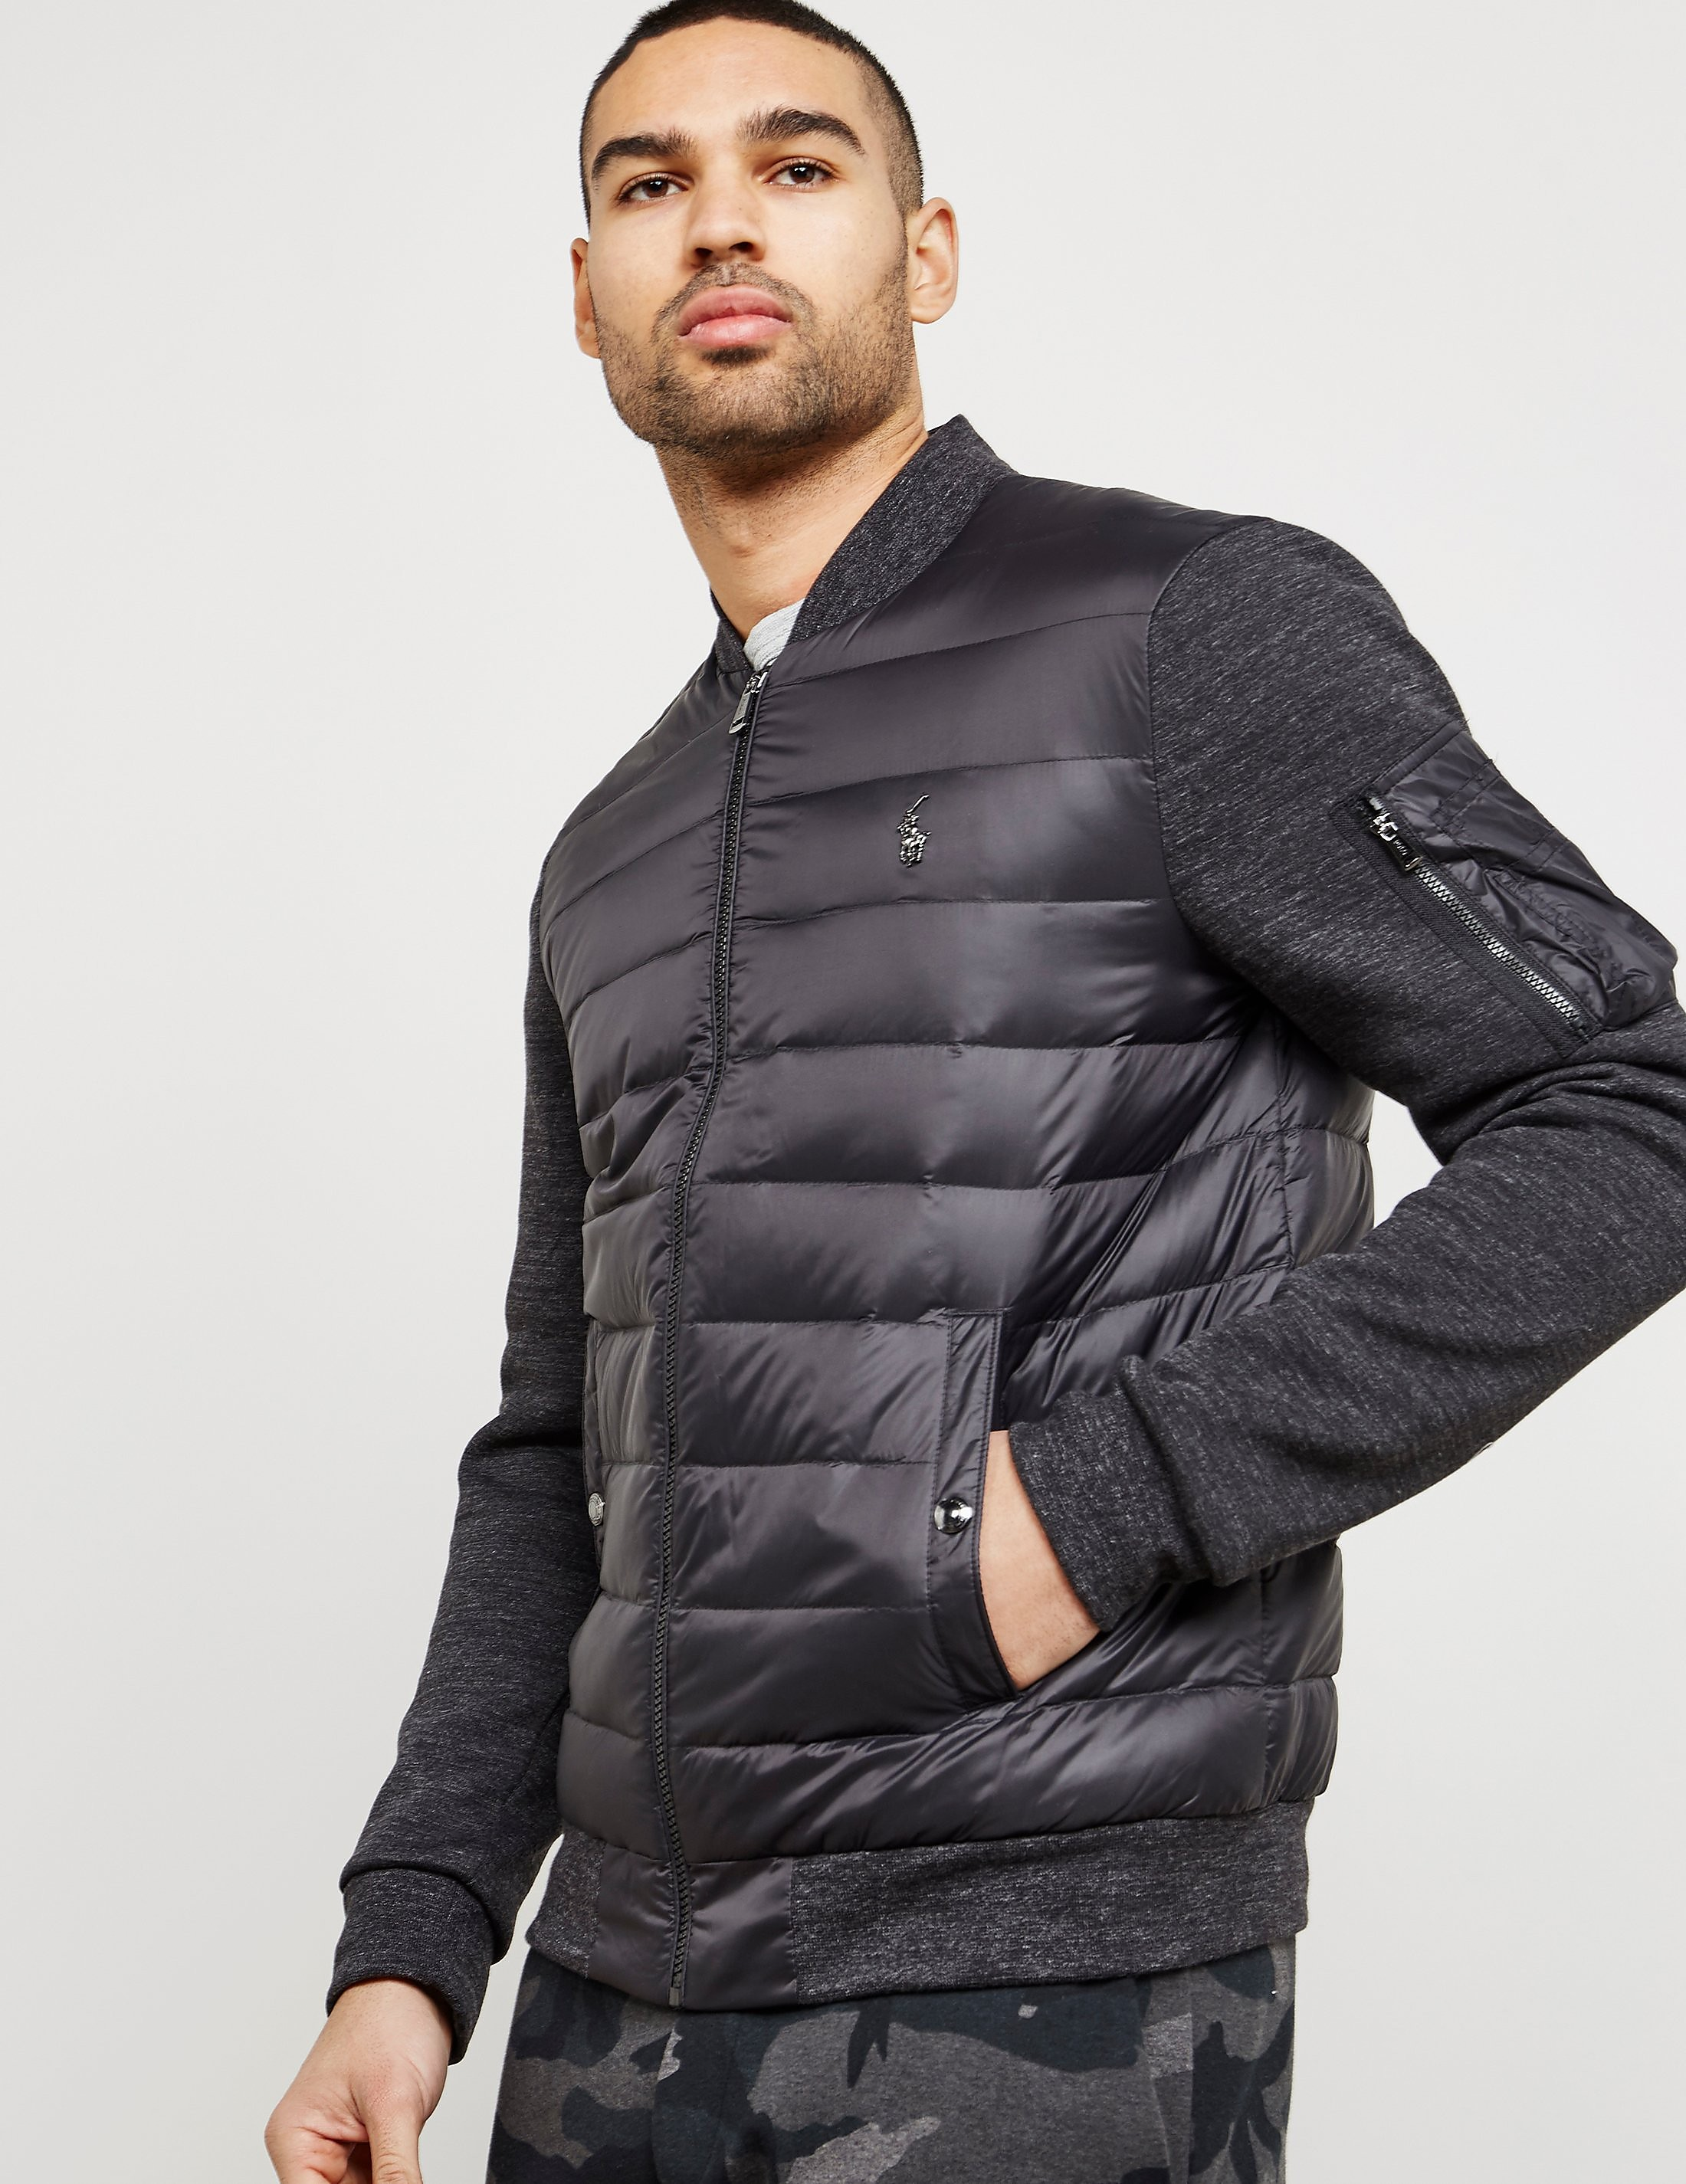 Polo Ralph Lauren Hybrid Bomber Padded Jacket